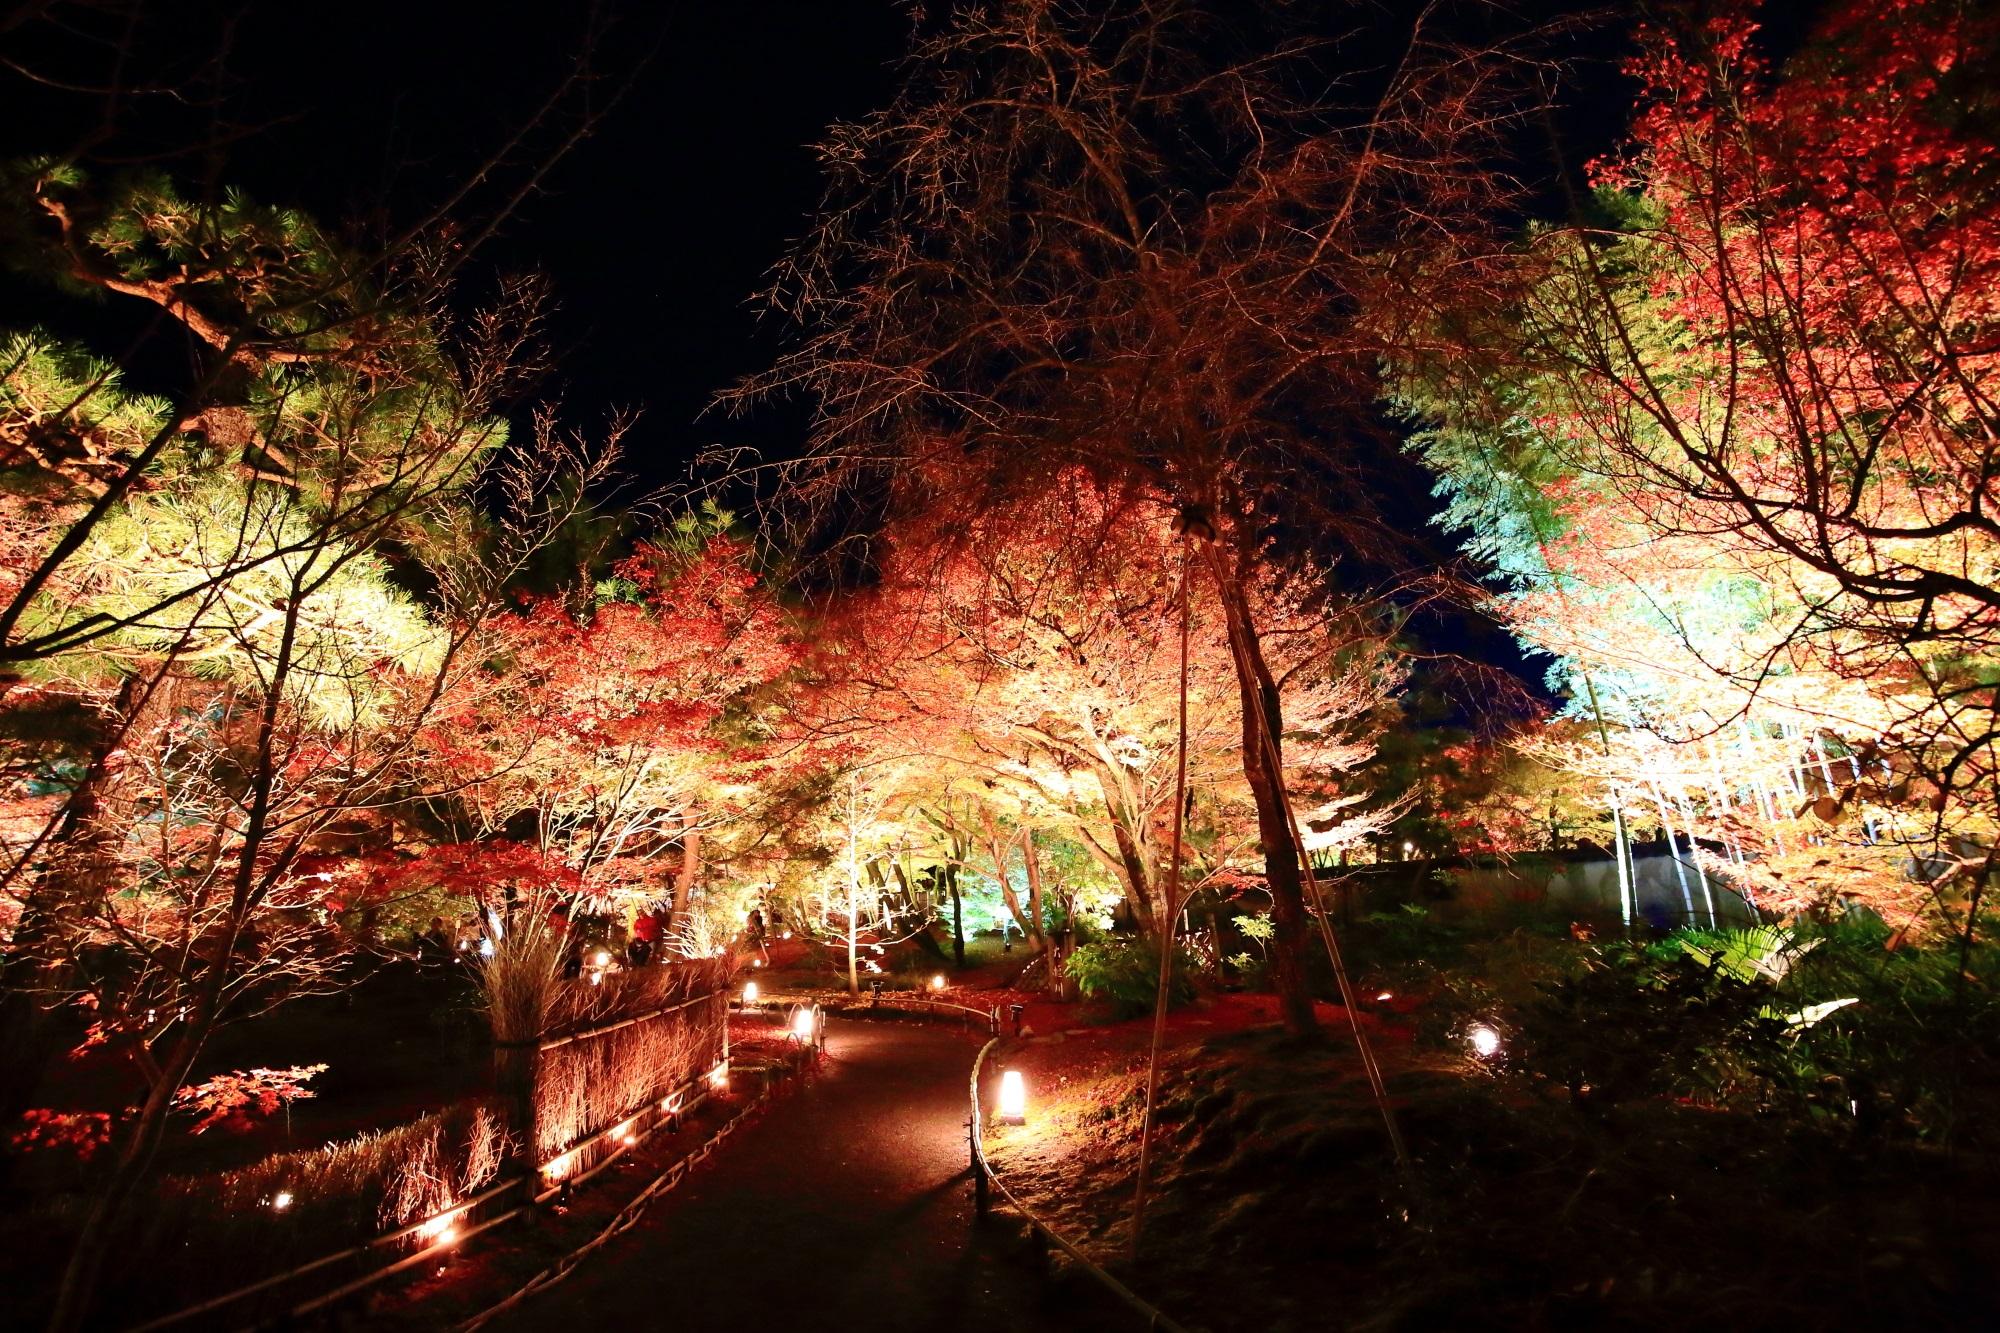 天龍寺 宝厳院の入口付近の参道の紅葉ライトアップ